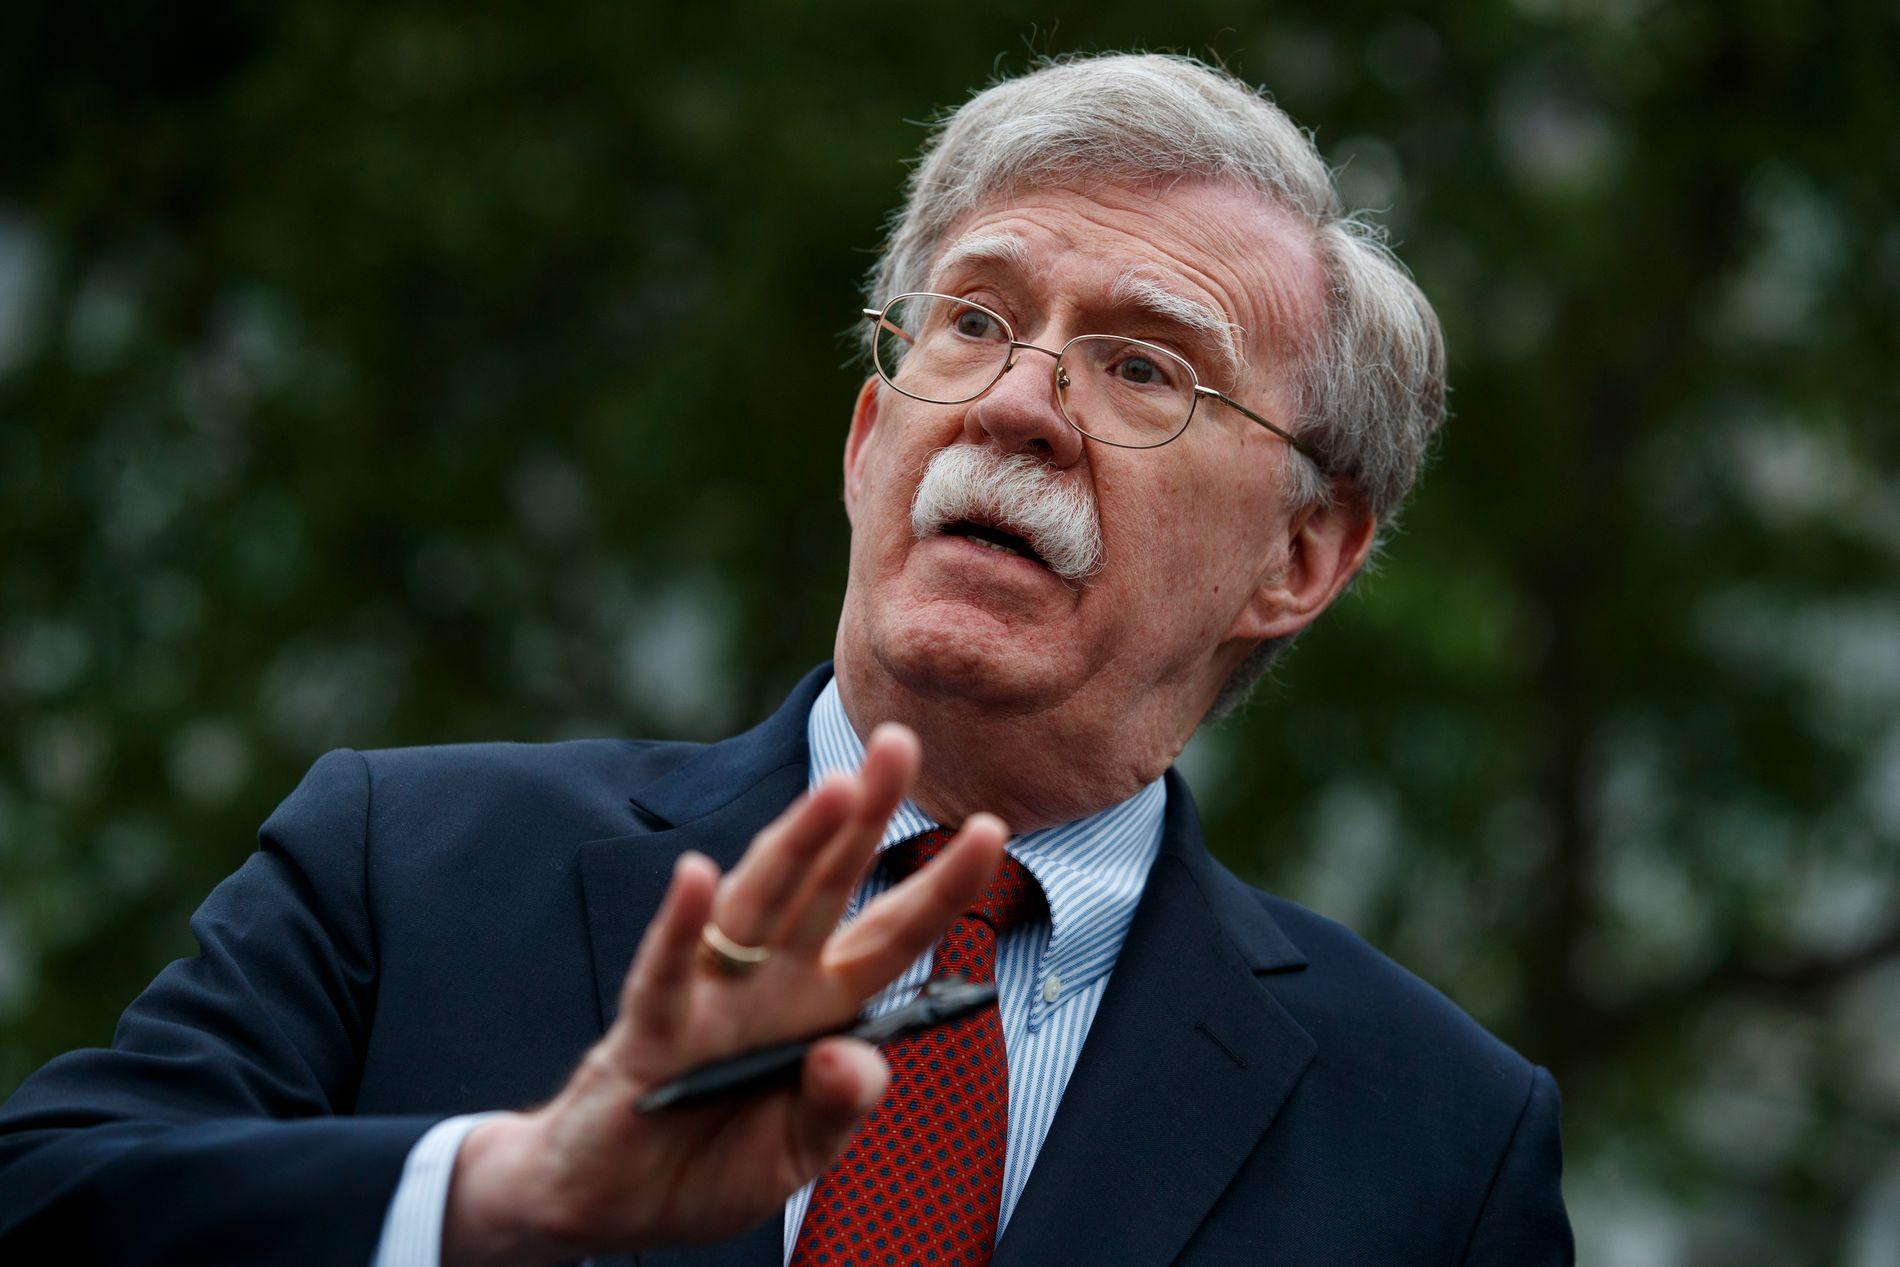 John Bolton går av som nasjonal sikkerhetsrådgiver i Det hvite hus. Foto: Evan Vucci / AP / NTB scanpix